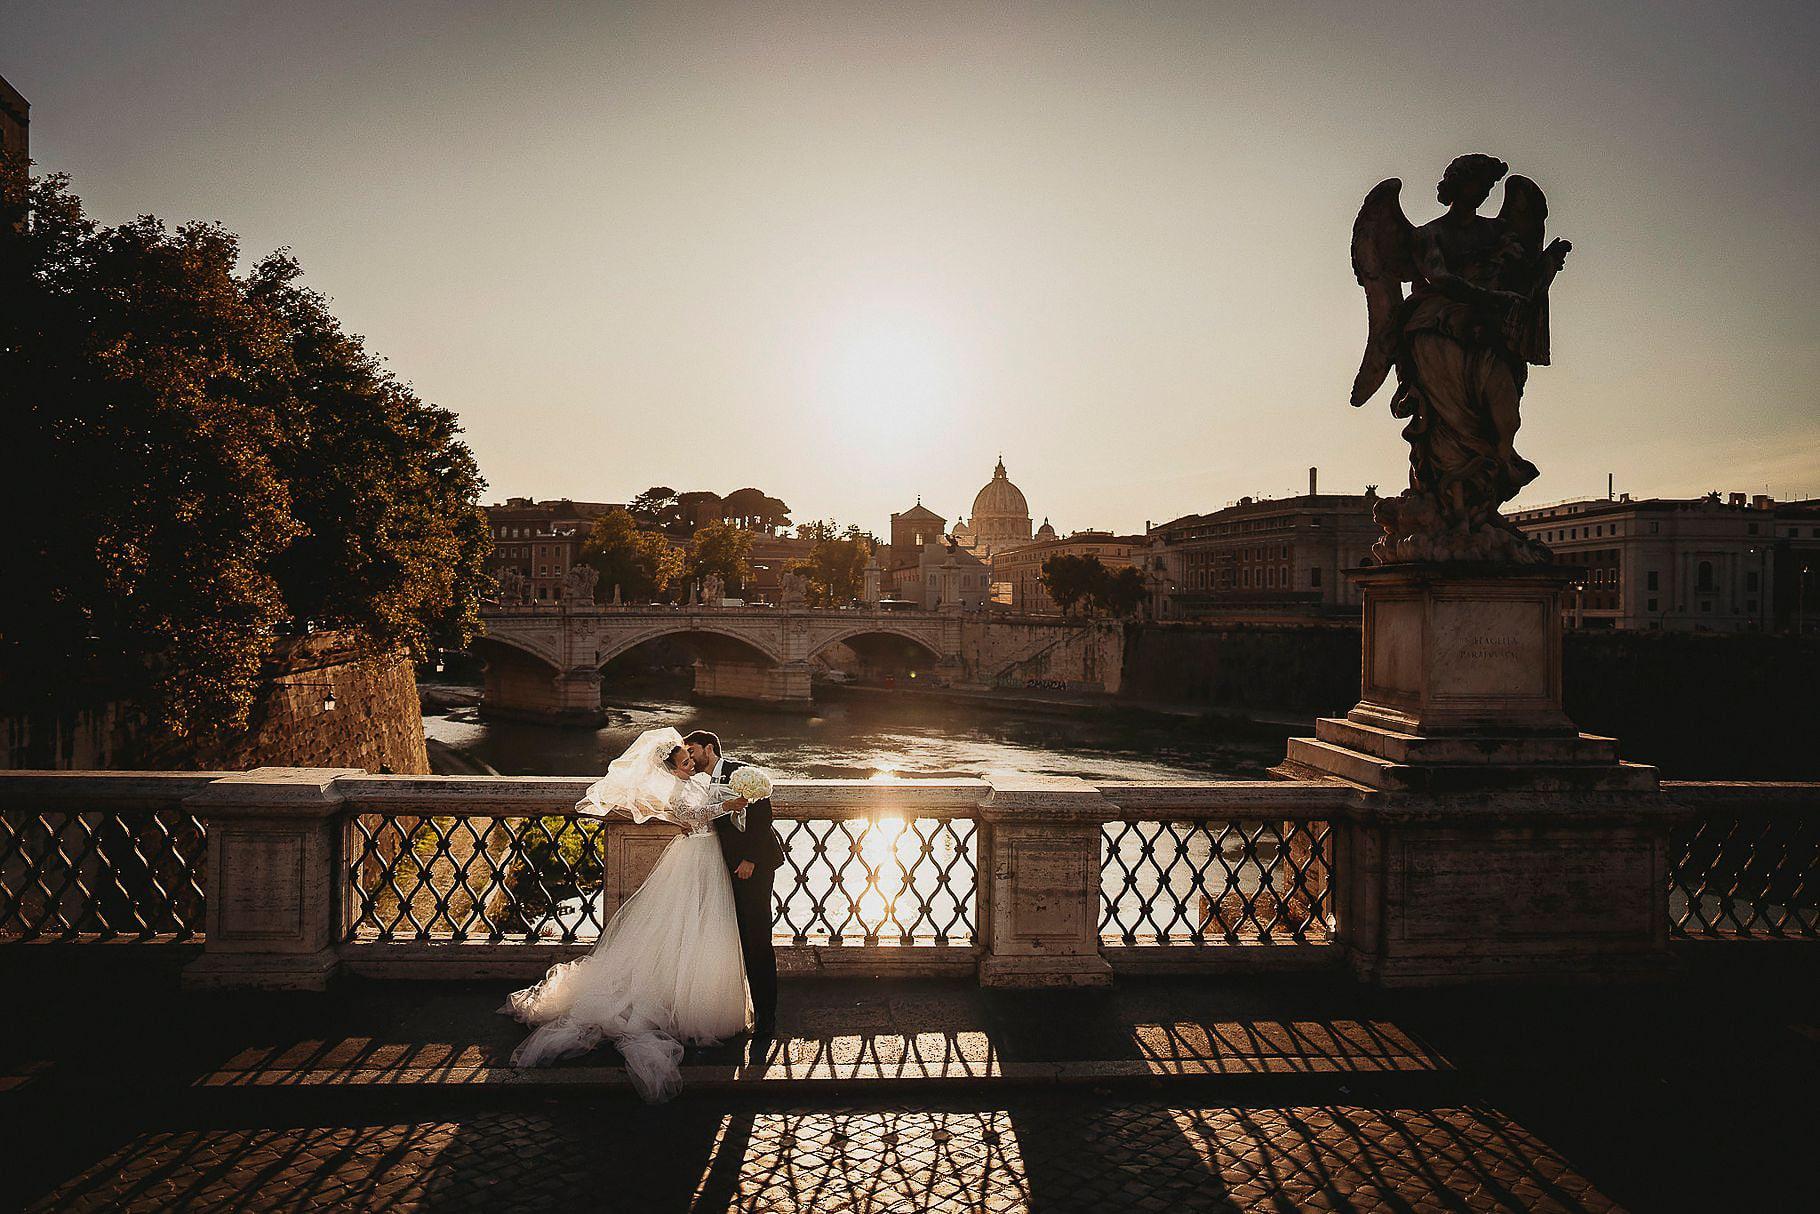 coppia di sposi fotografati dal fotografo di matrimonio in italia sul ponte dell'angelo a roma con il tevere e la cupola di san pietro sullo sfondo